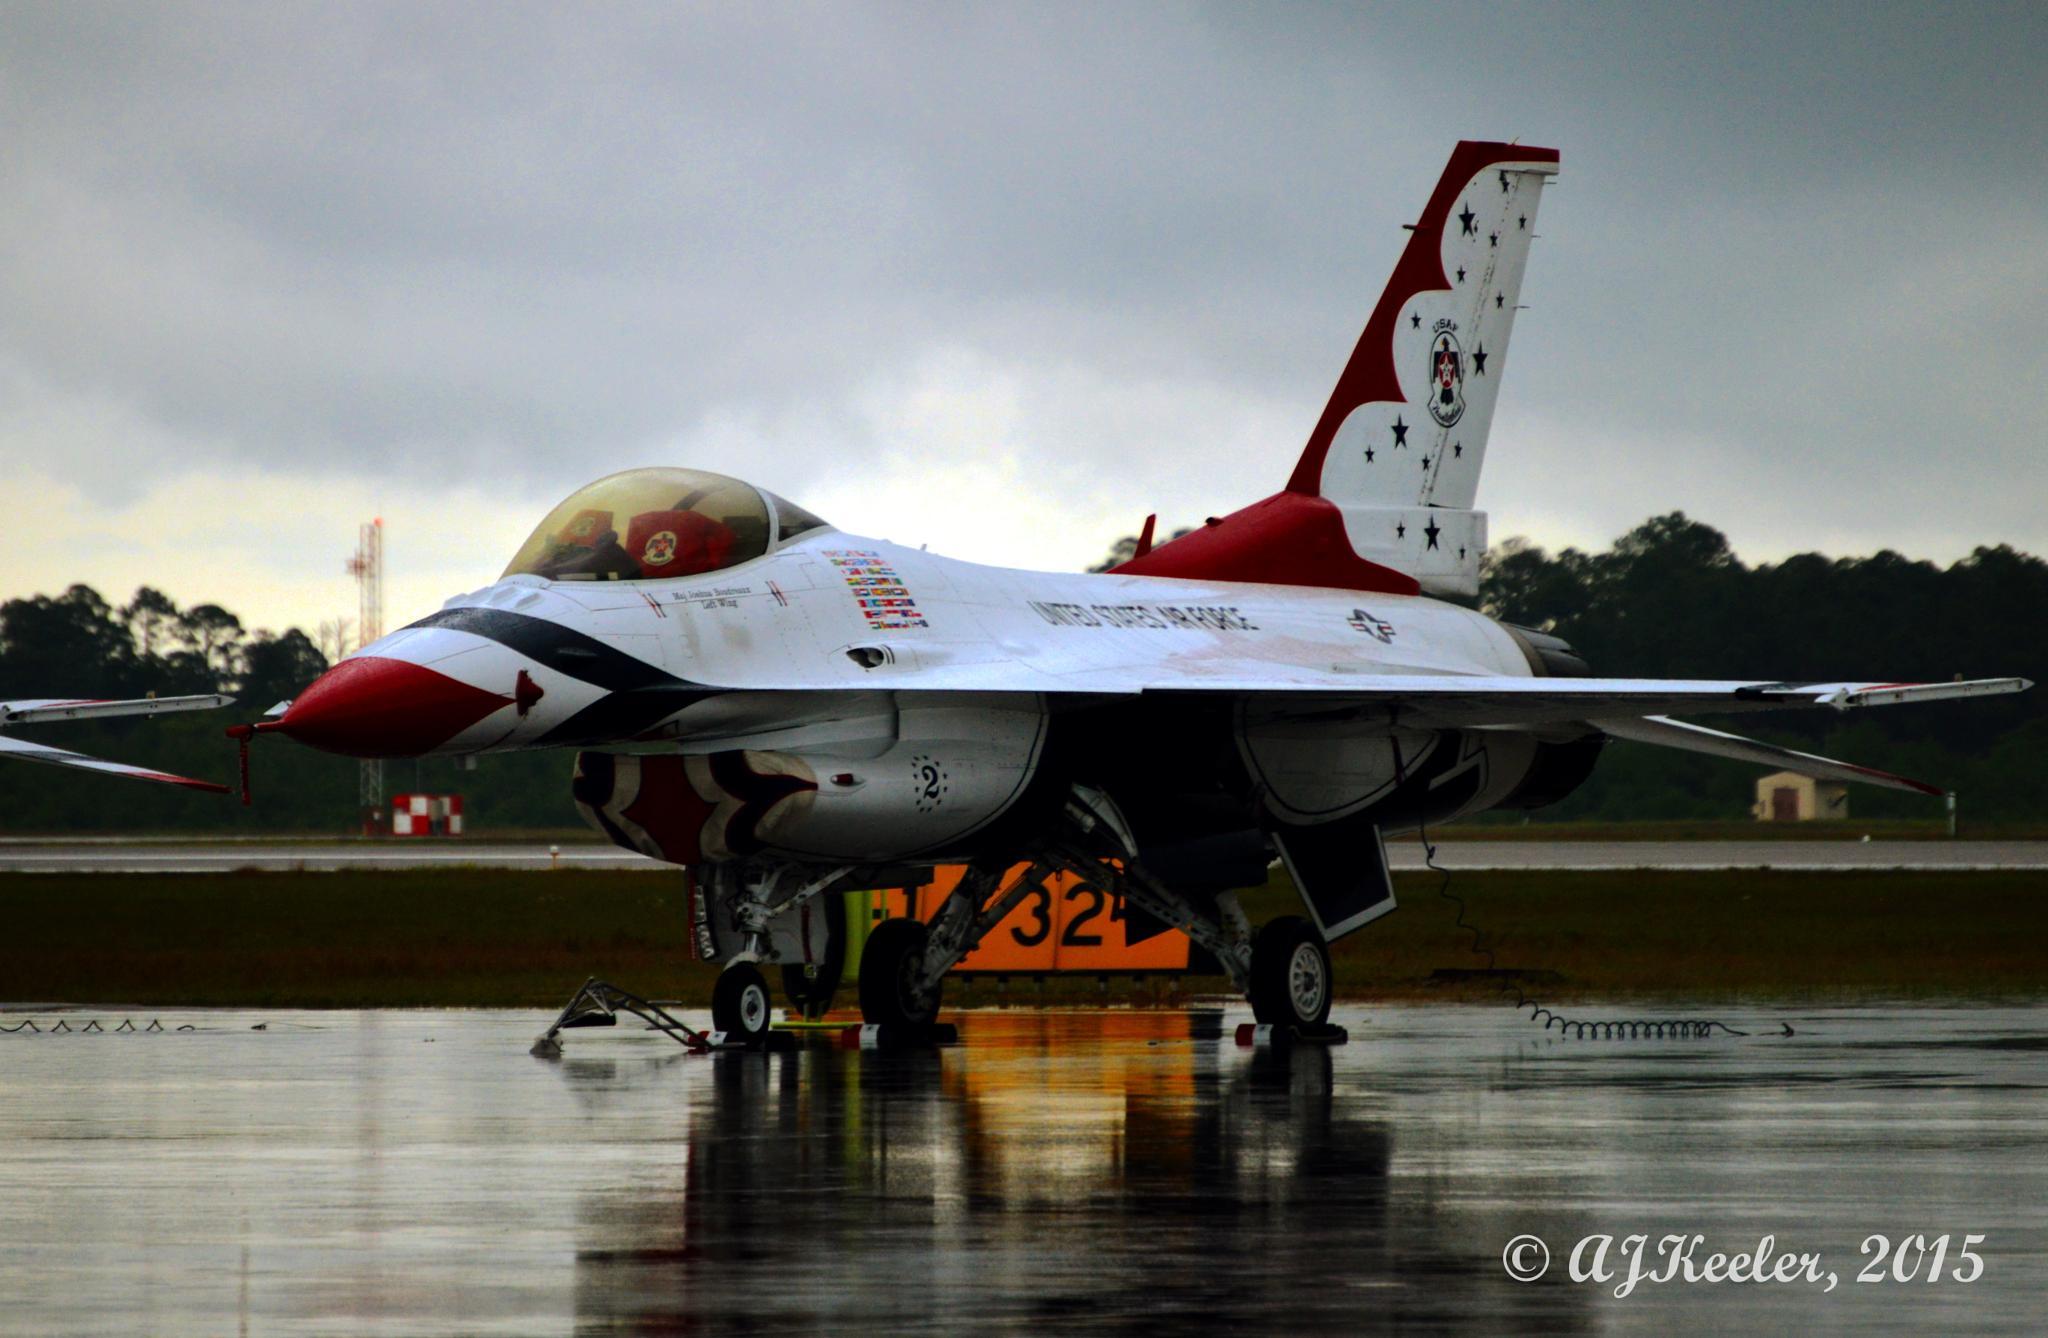 Thunderbird by Tony Keeler